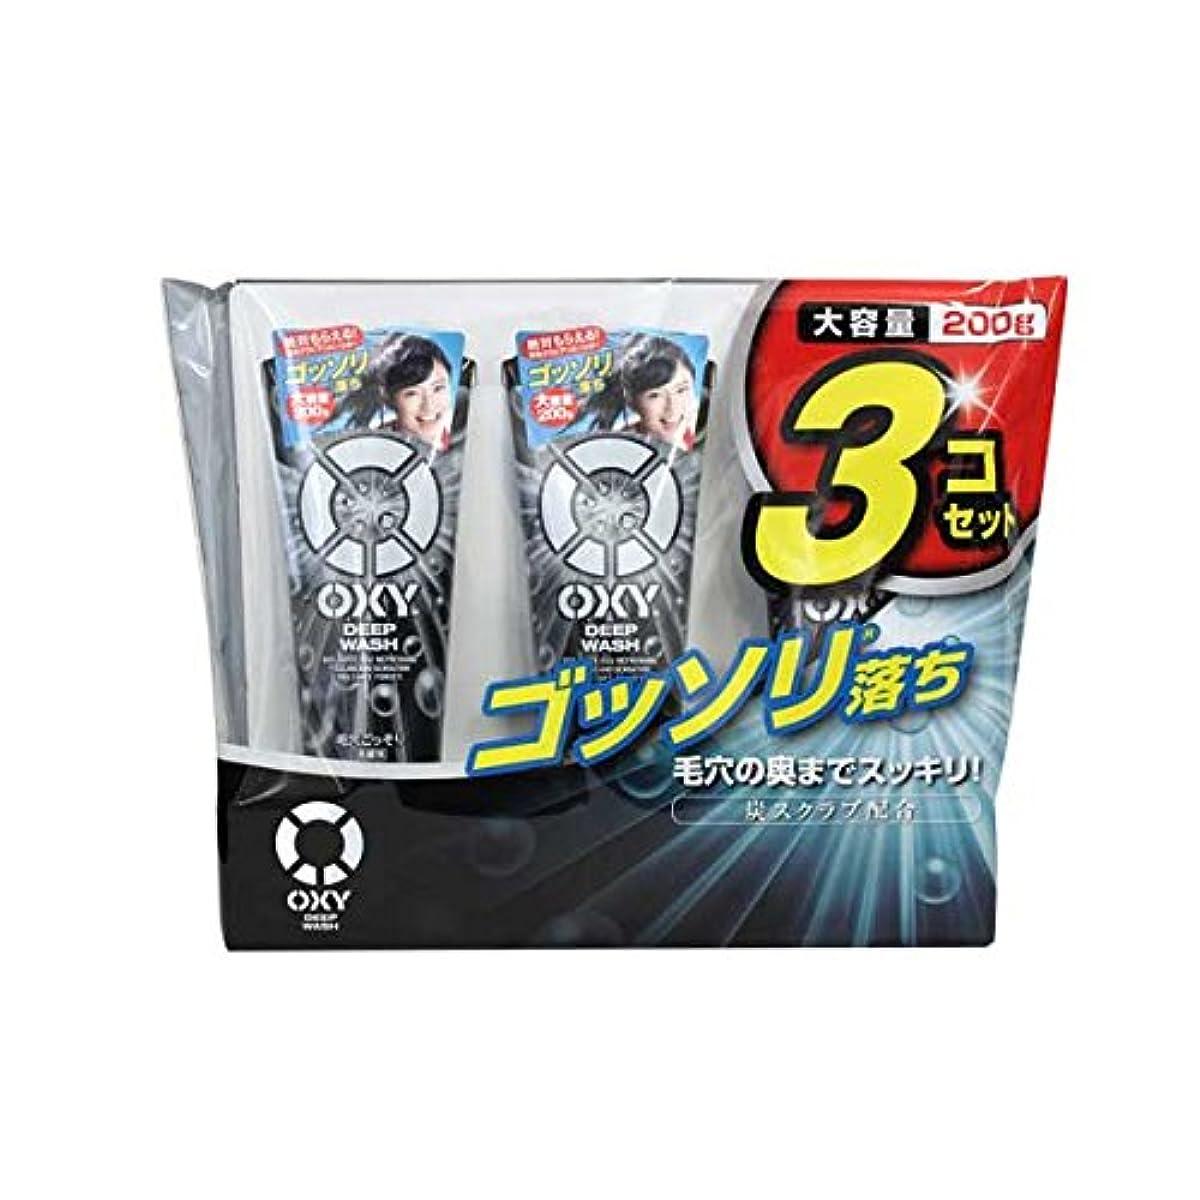 貴重な確かなデッドロックOXY 炭スクラブ洗顔料 大容量 200gx3本